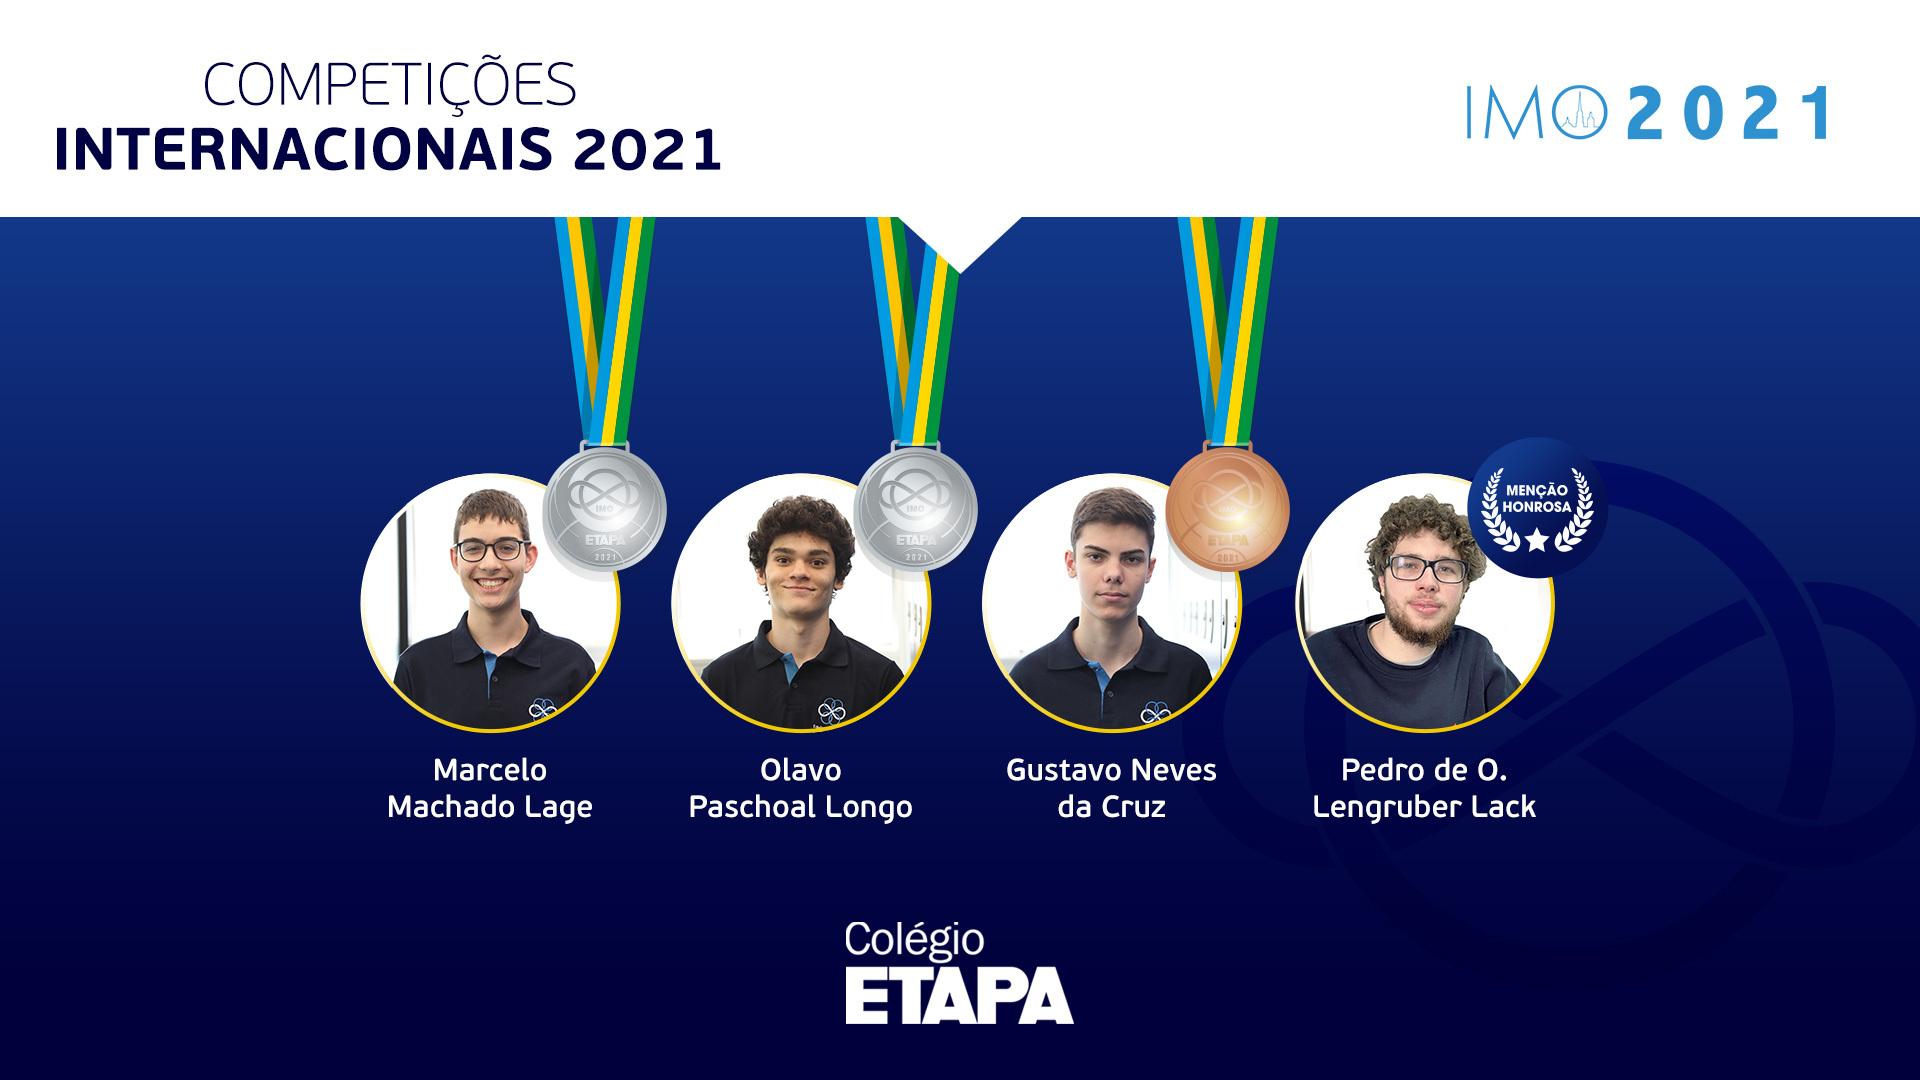 Alunos do Colégio Etapa conquistam medalhas na IMO 2021